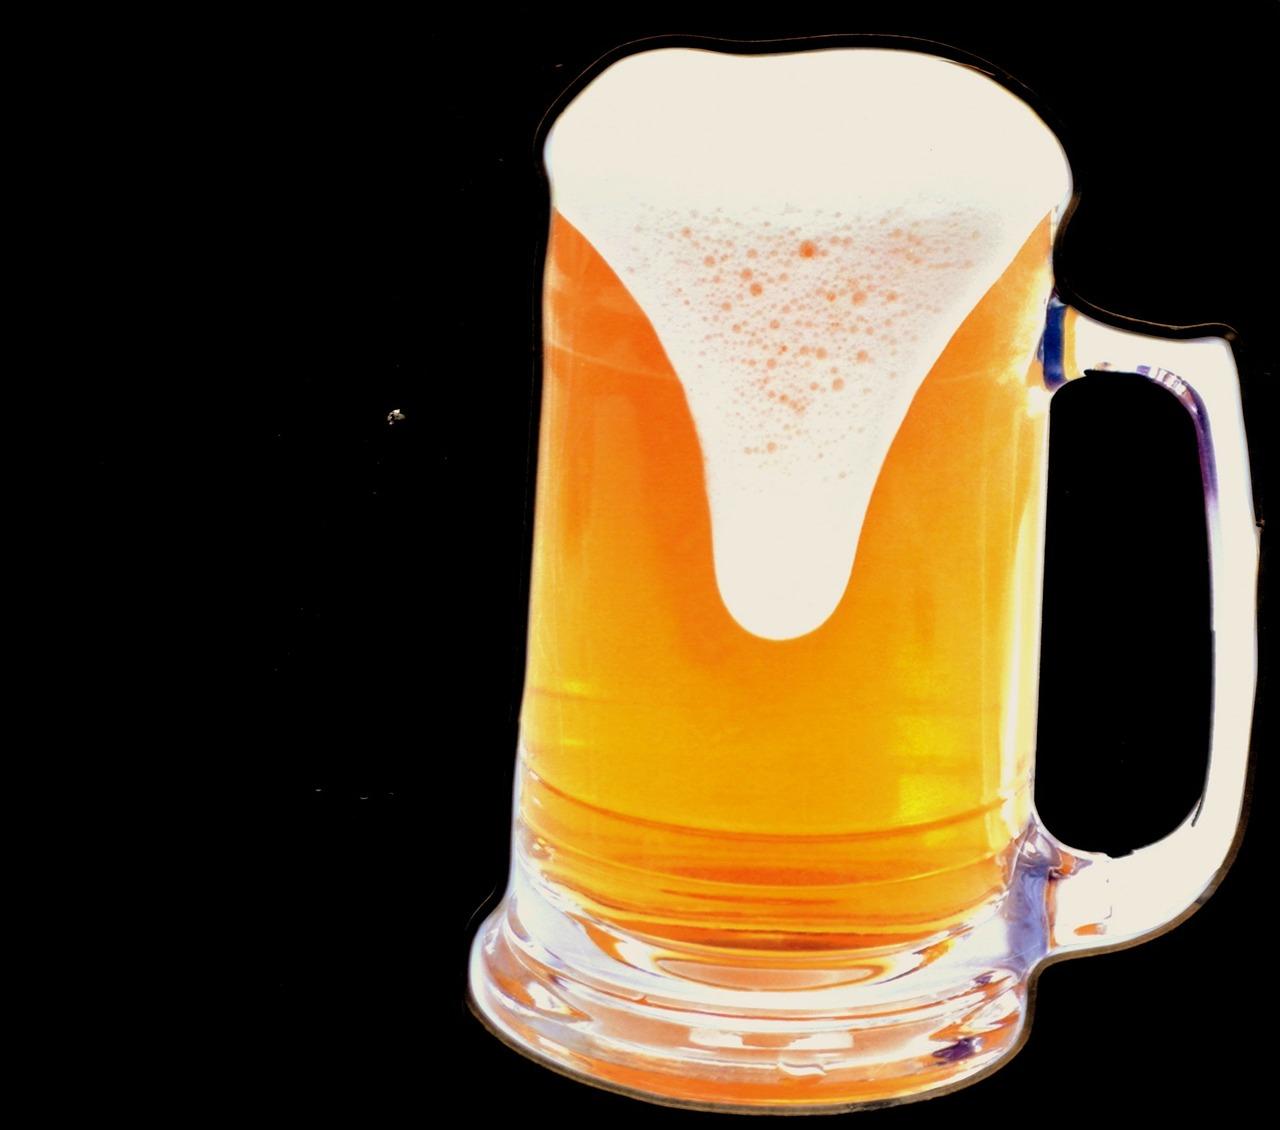 なぜ急性アルコール中毒になるのか?症状や処置についても!